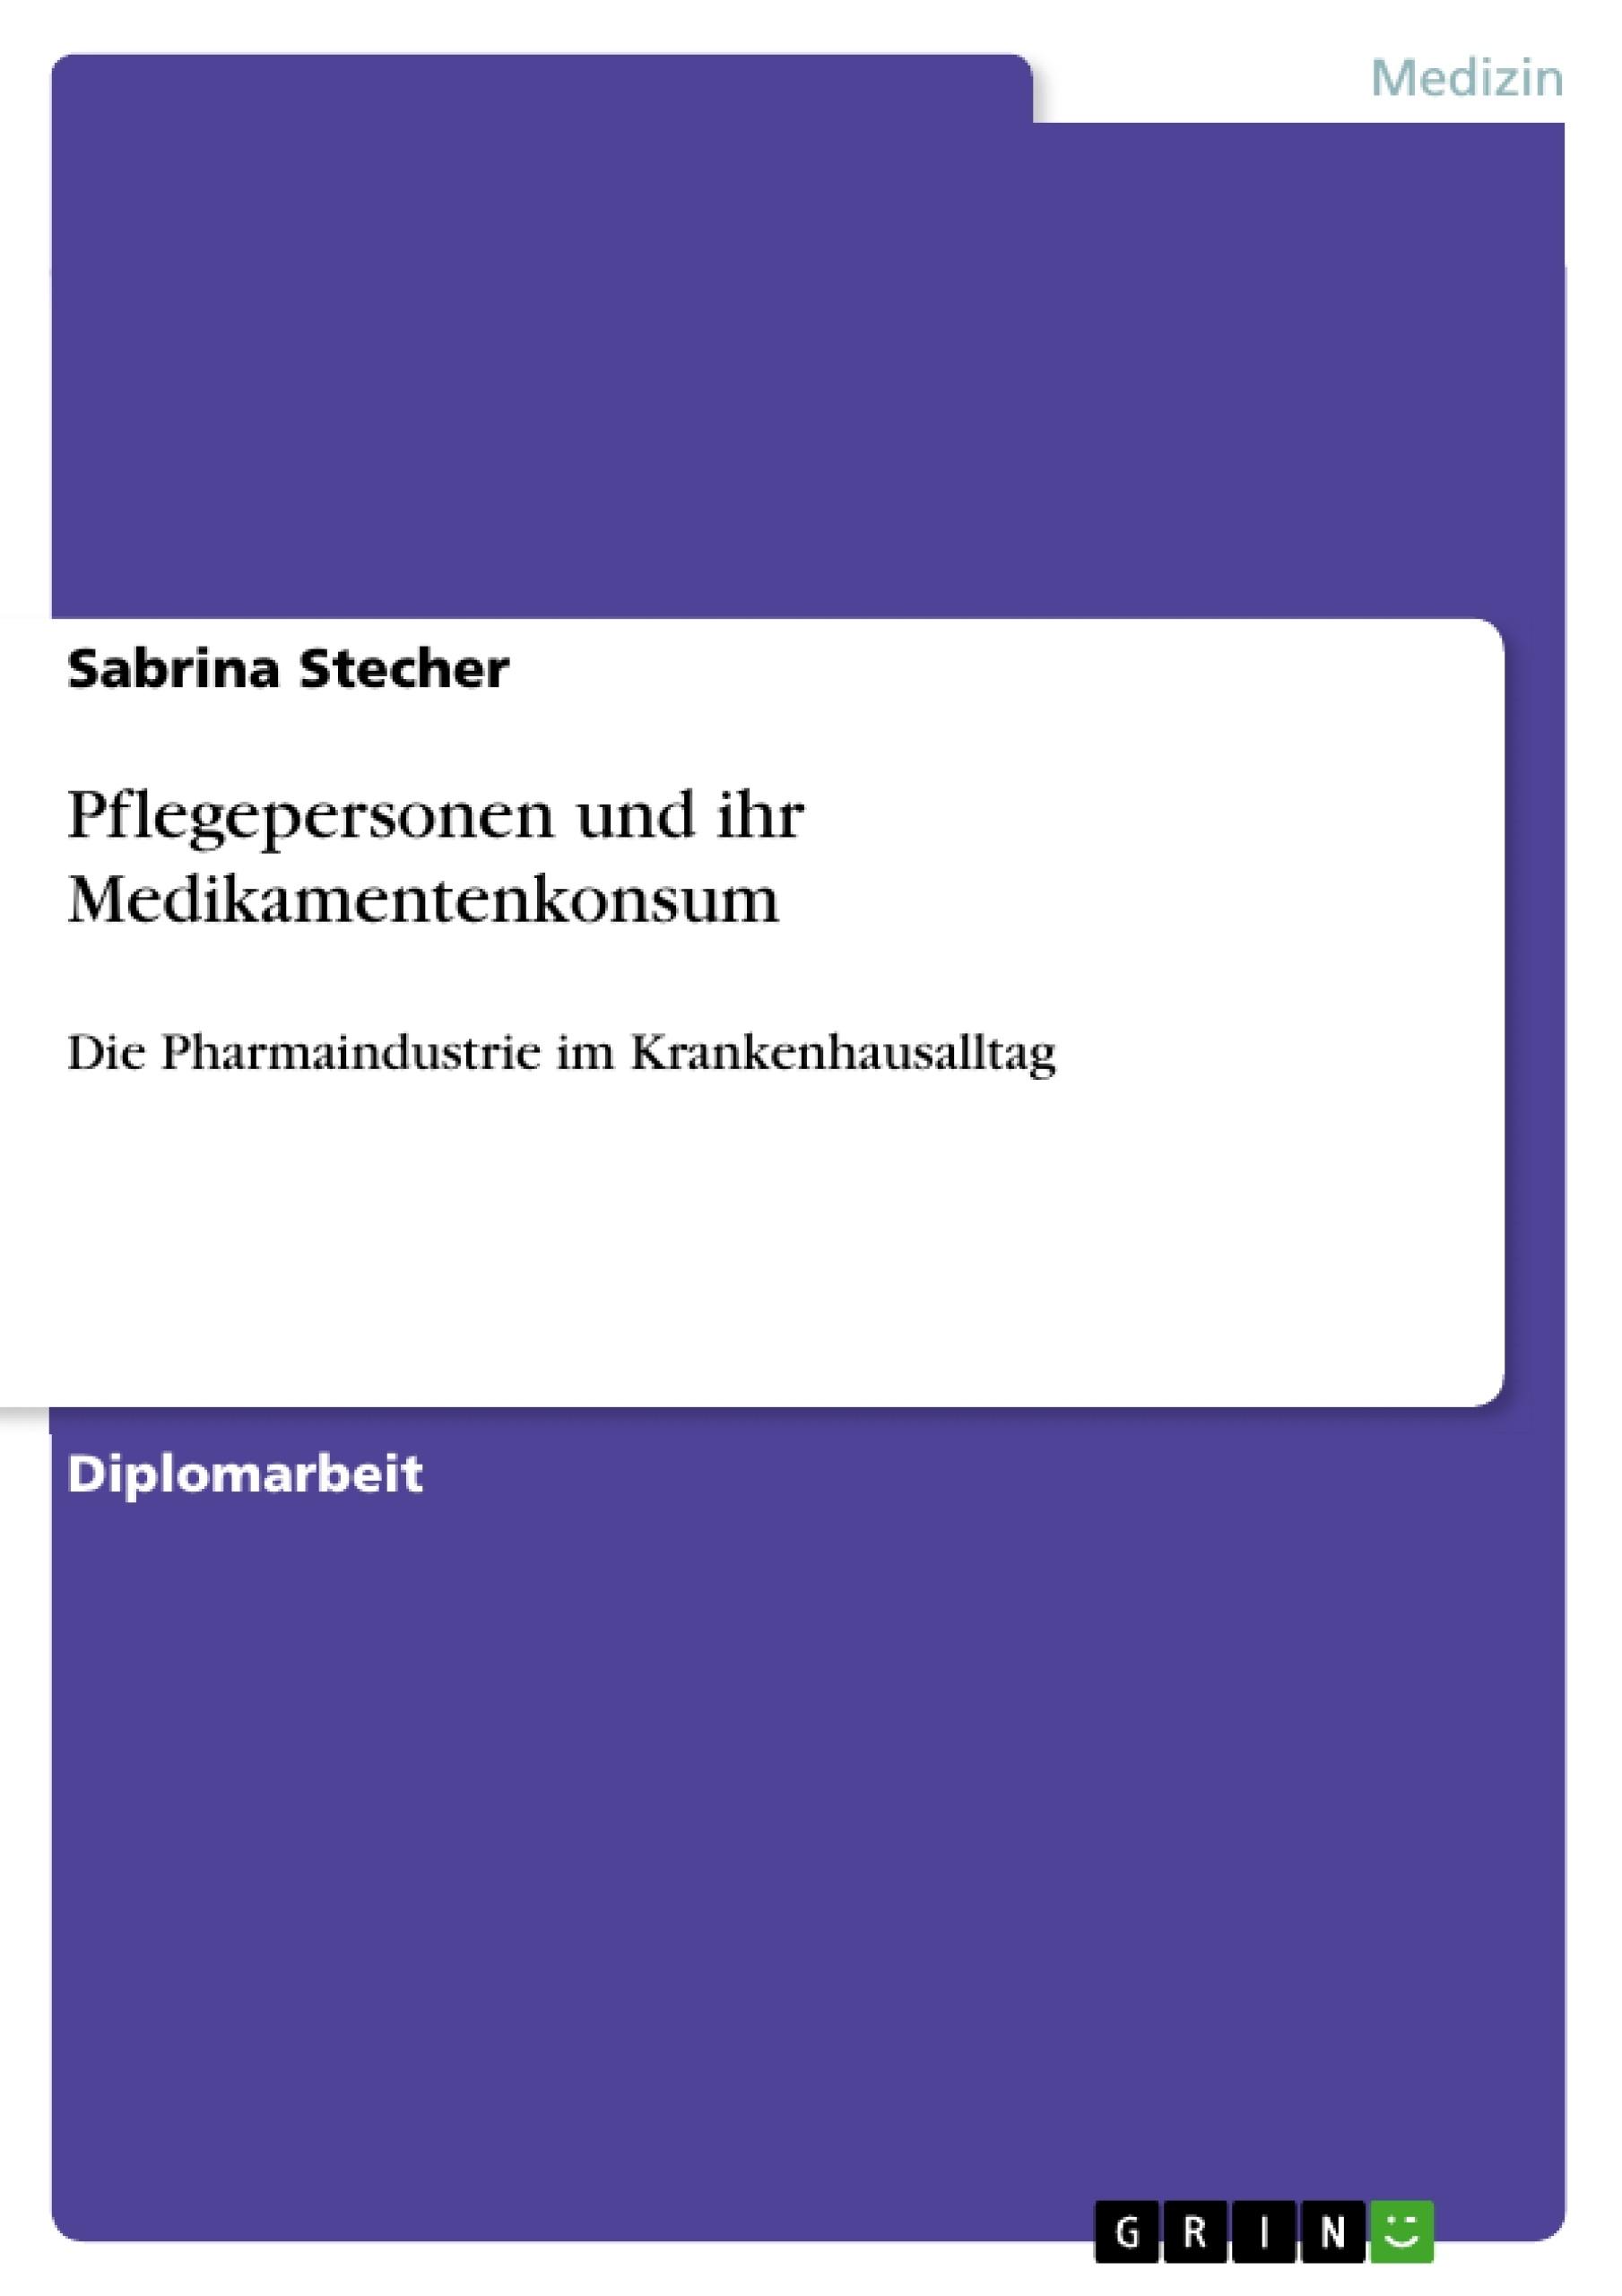 Titel: Pflegepersonen und ihr Medikamentenkonsum